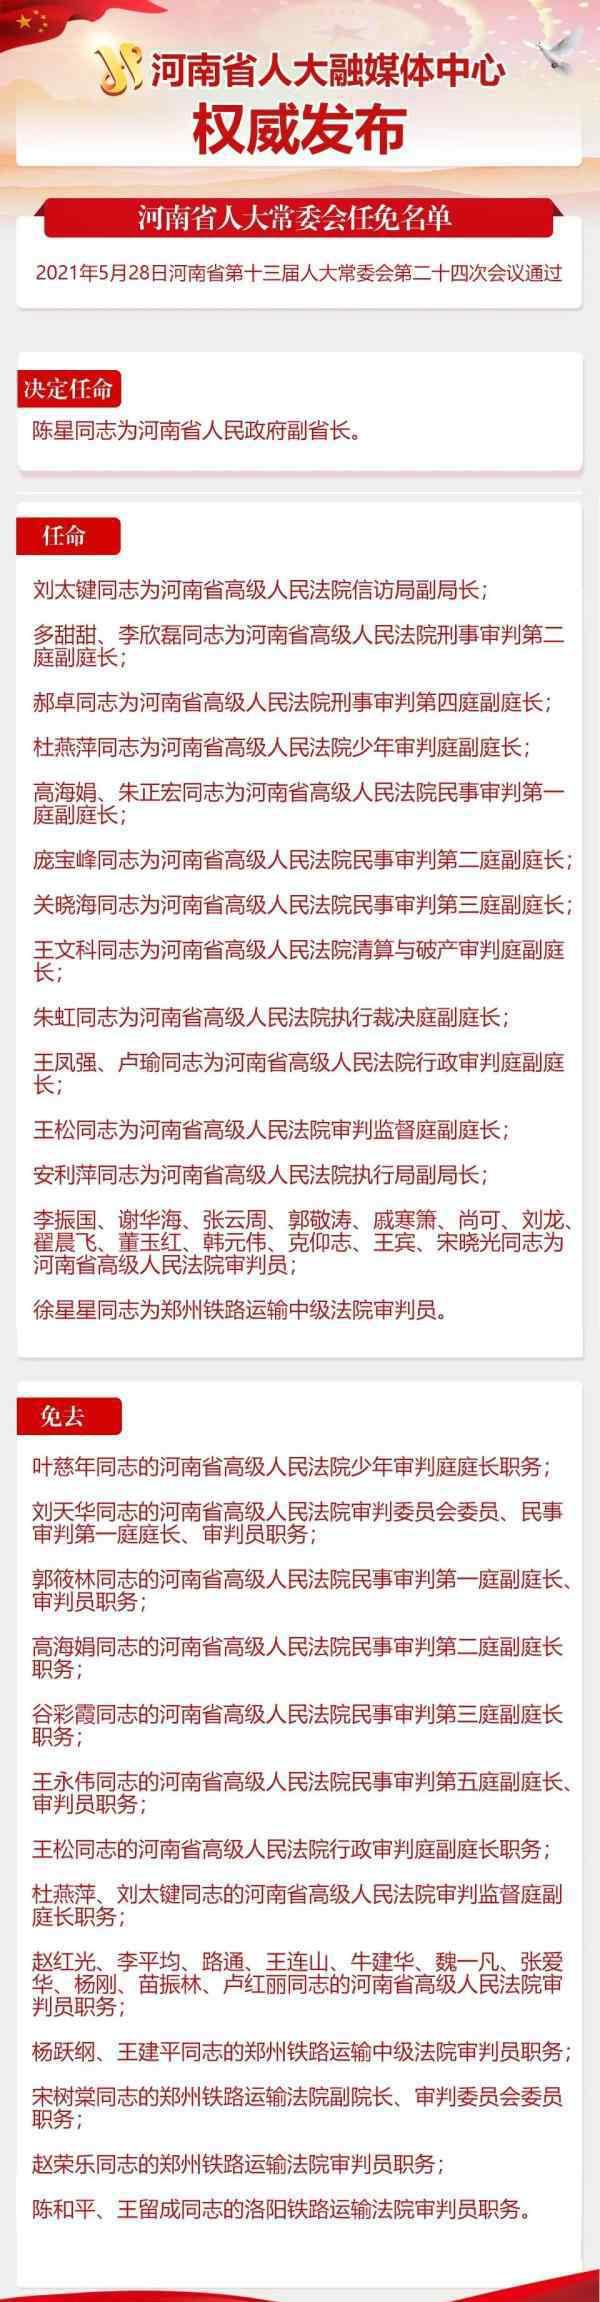 驻马店市委书记 驻马店市委书记陈星任河南副省长